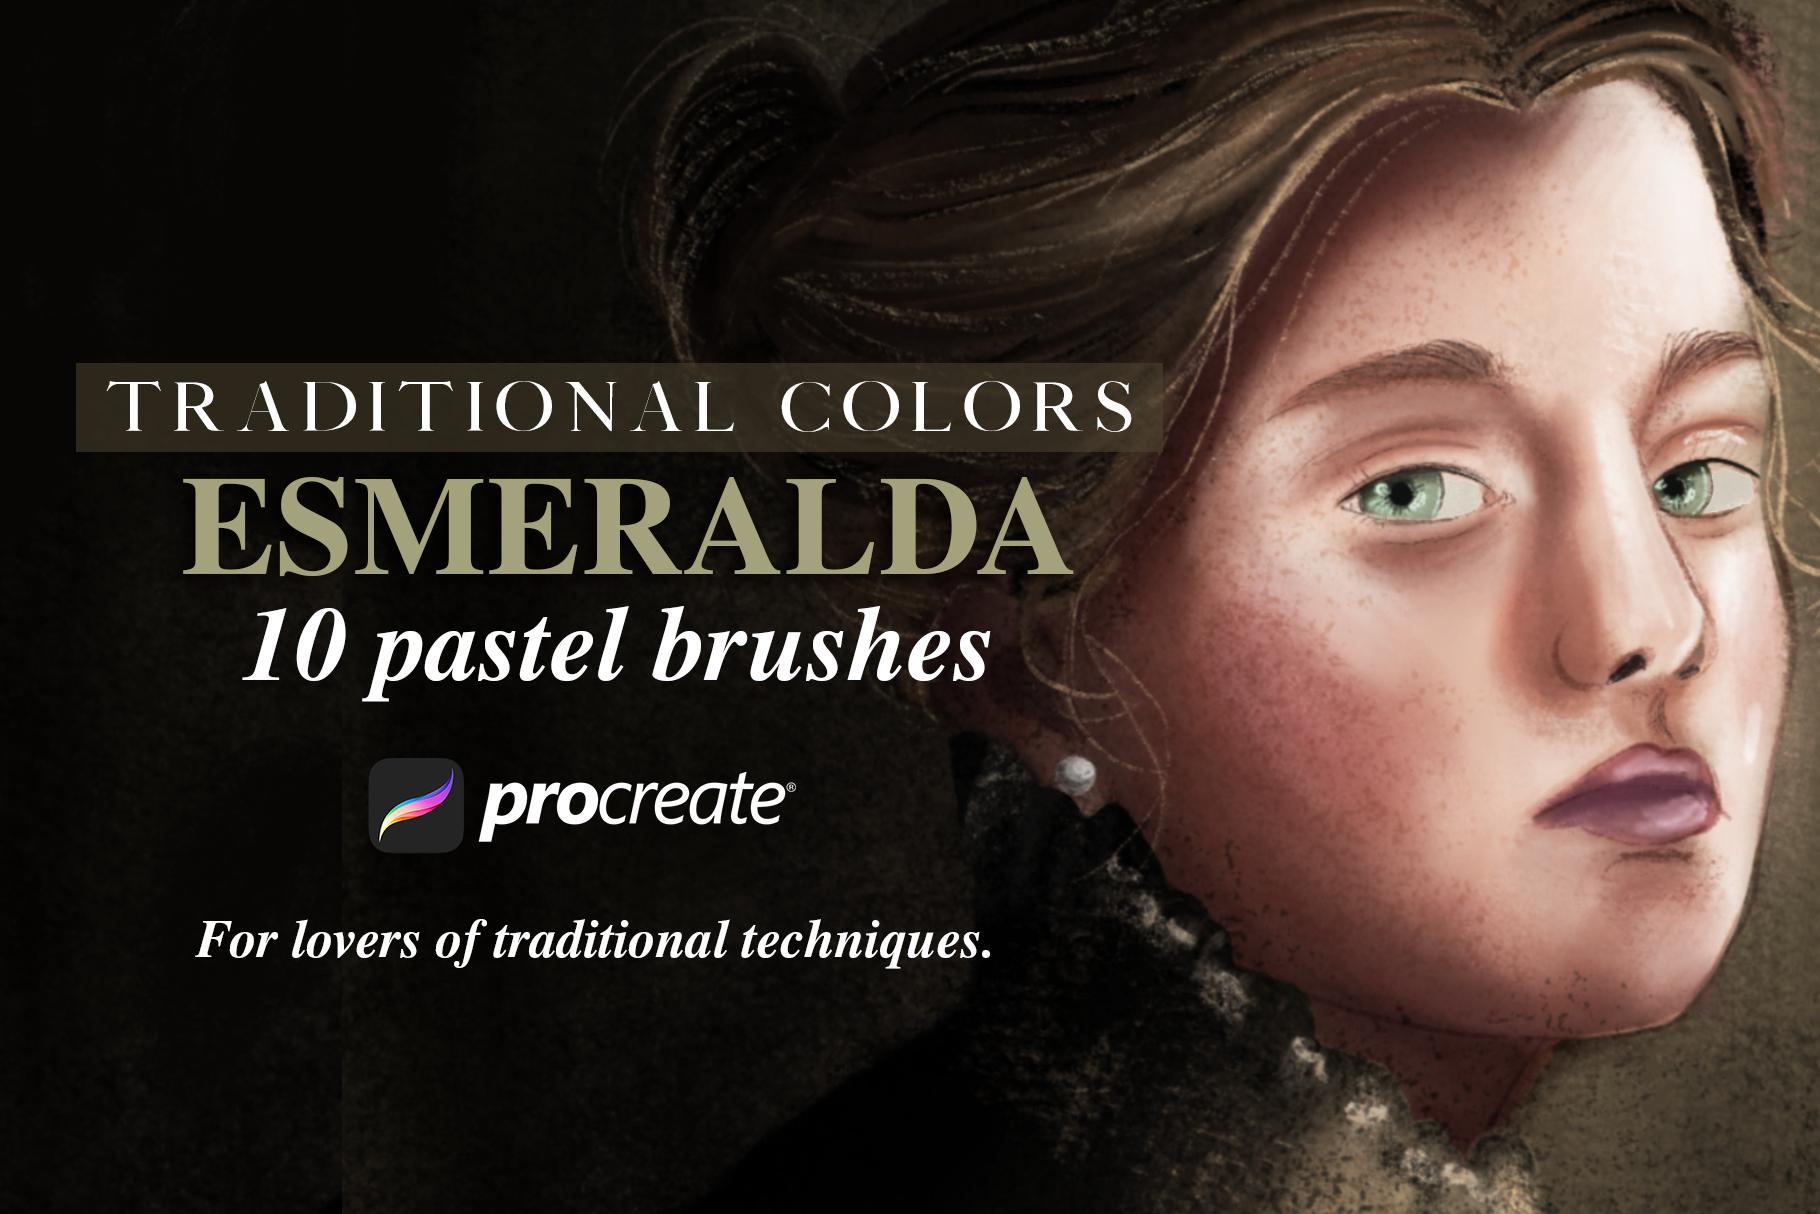 Traditional Colors Esmeralda Pastel example image 1